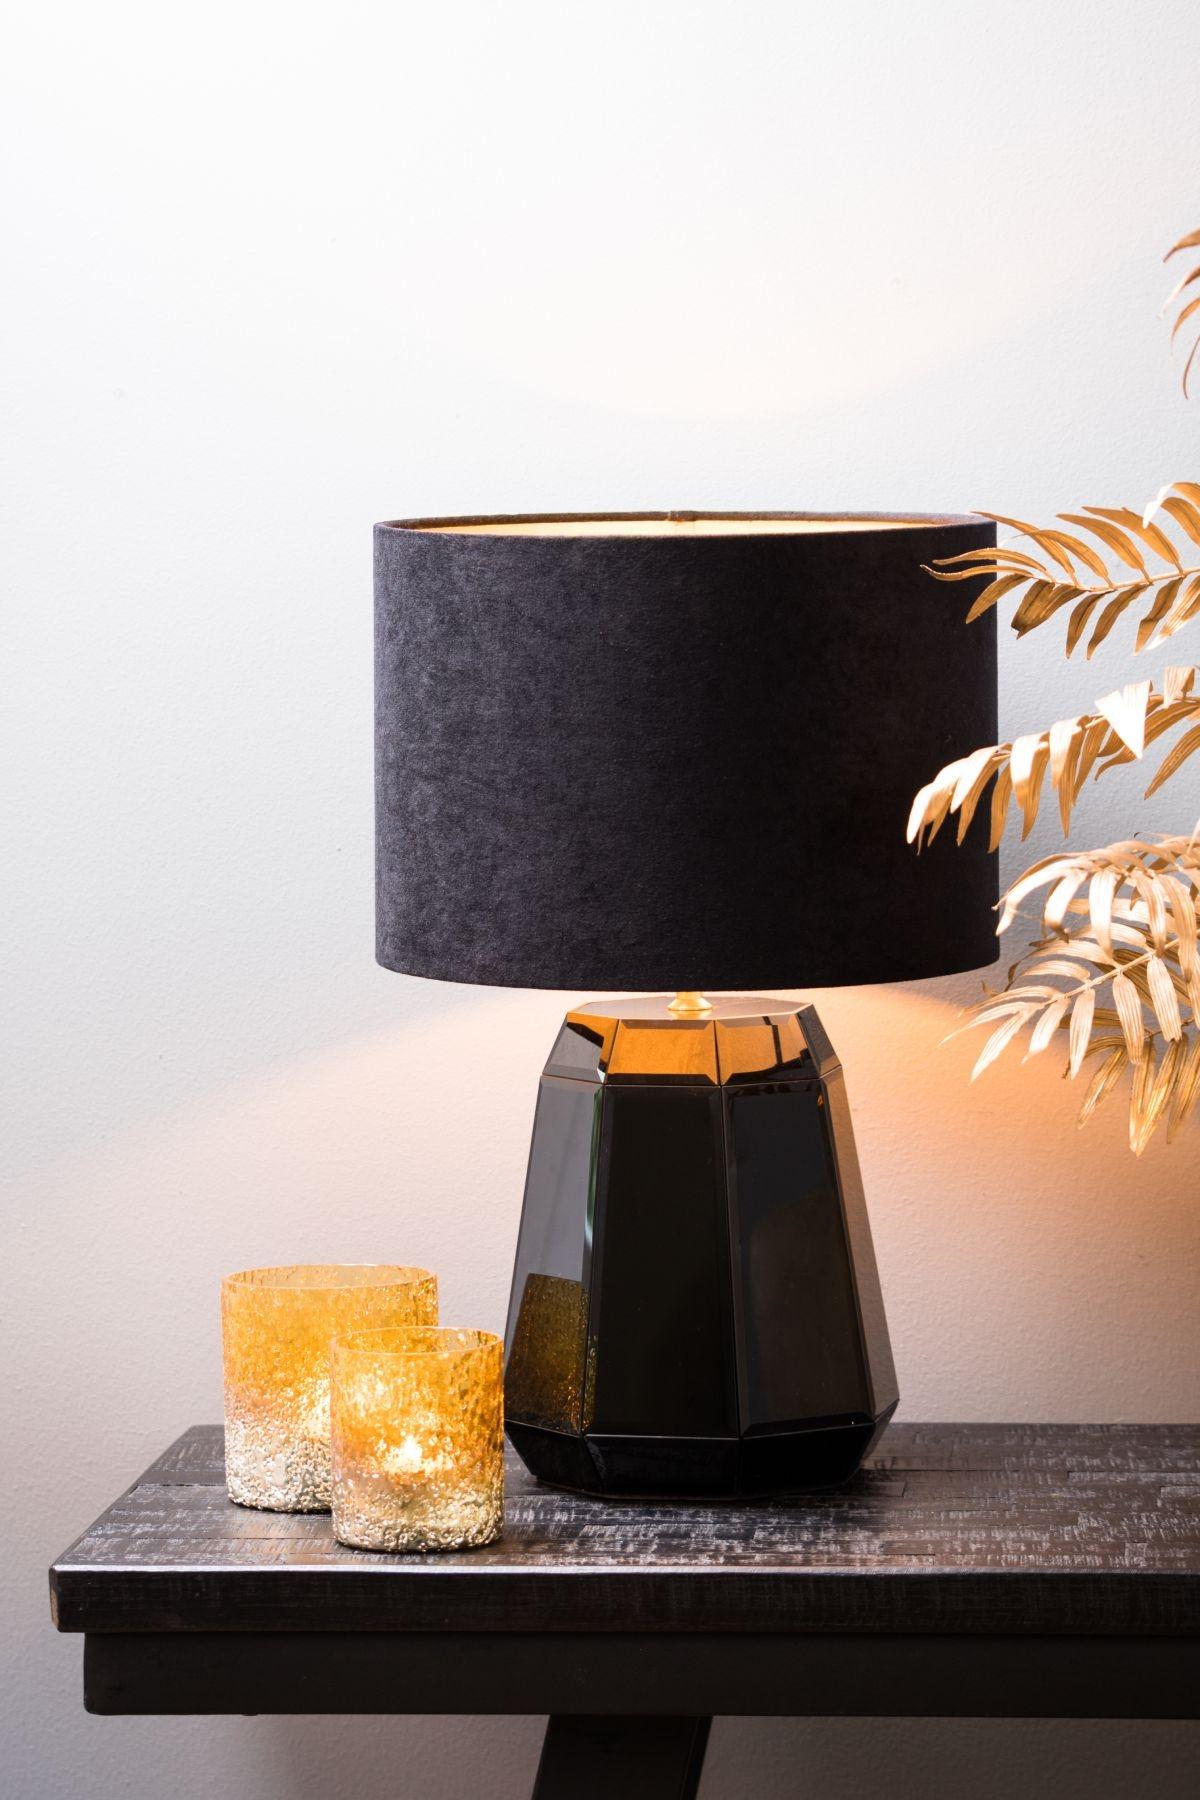 Velours er en elegant cylinderformet lampeskærm her i farven sort. En fin lampeskærm som passer til næsten alle lamper.